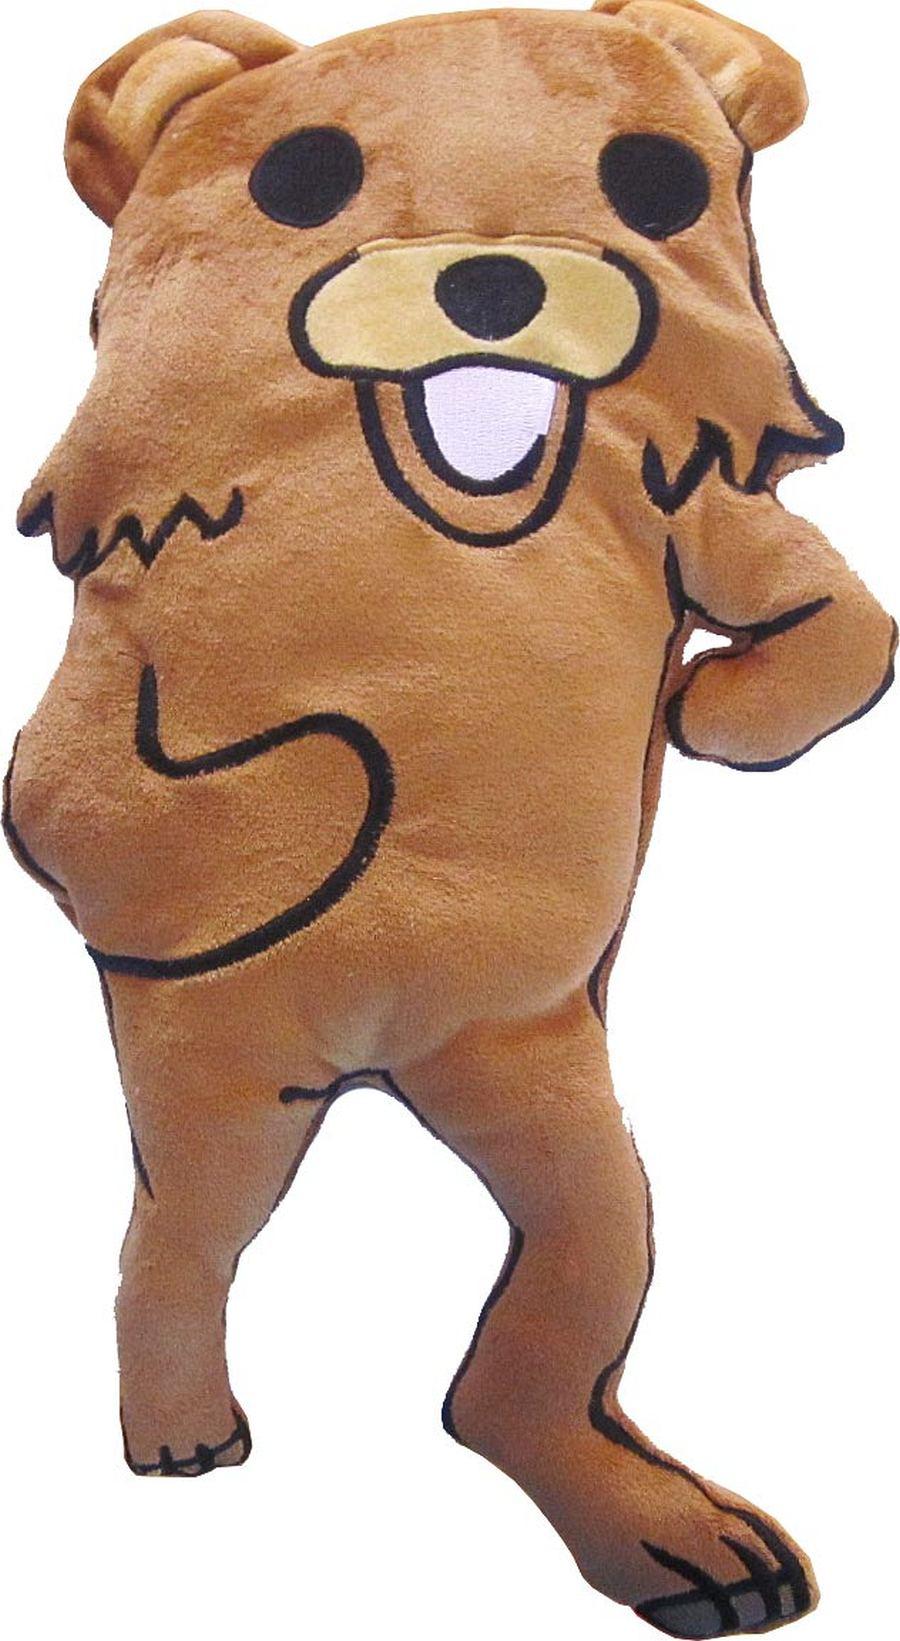 Moodrush Pedobear Plush Cushion 9gag Smiley Marina Joyce Meme